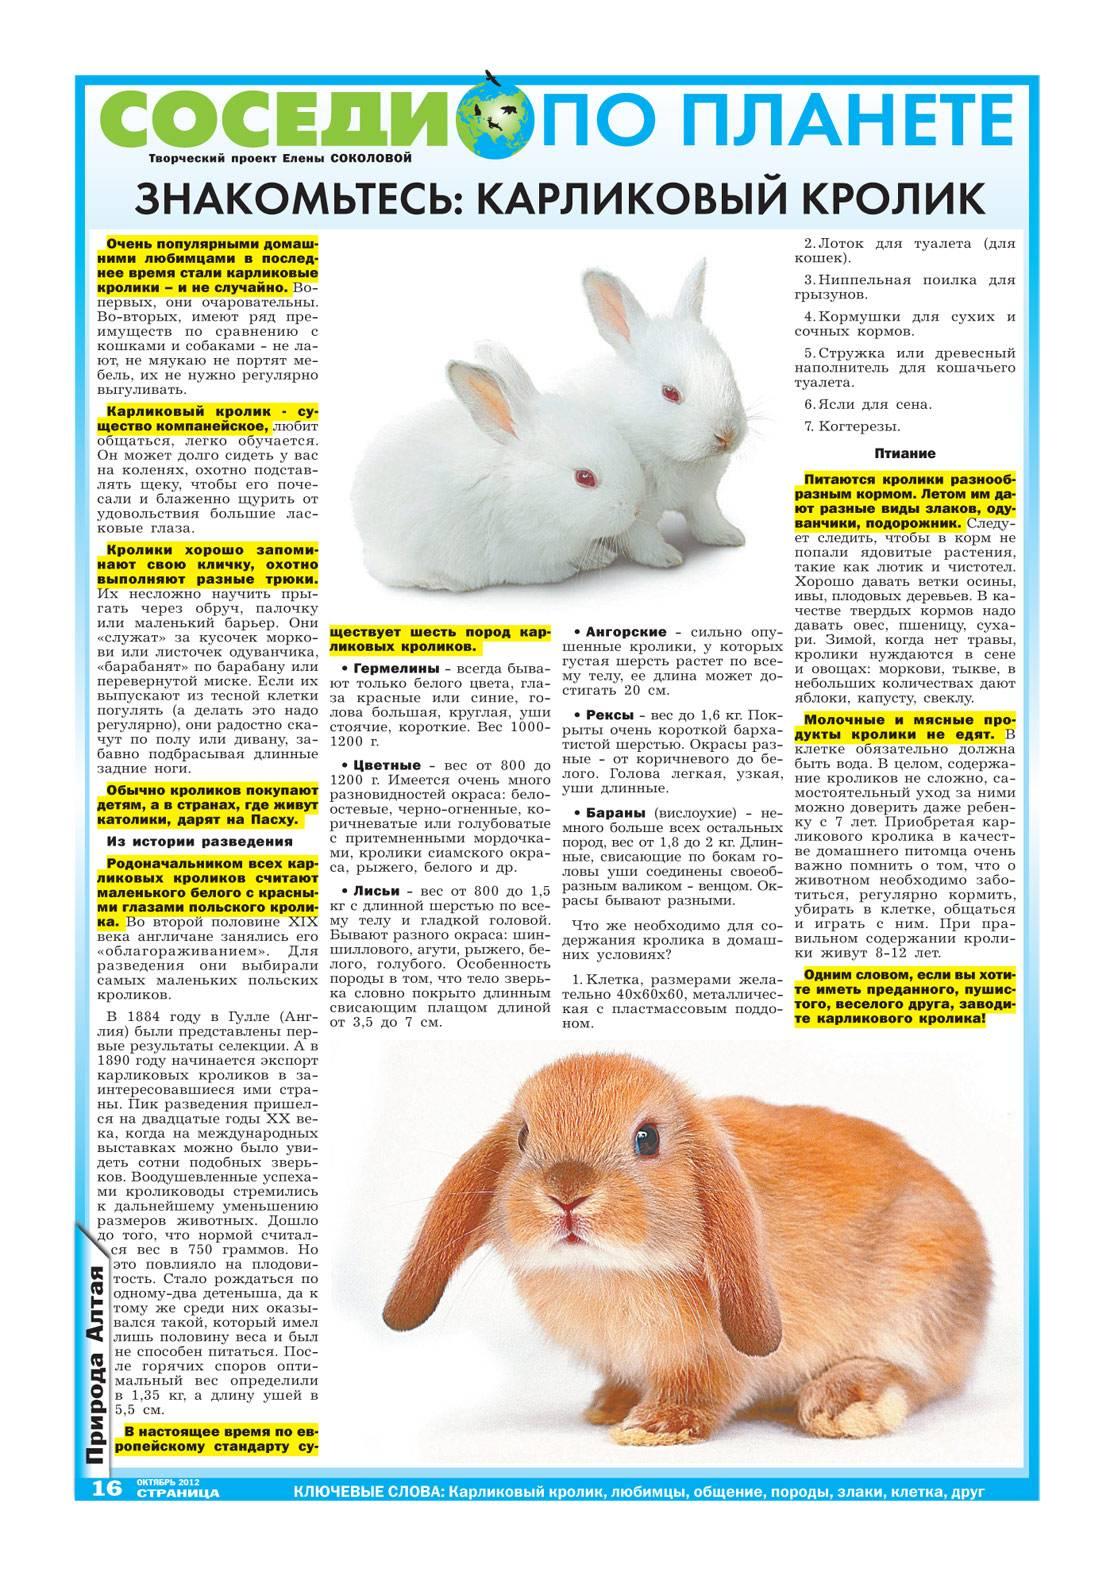 Декоративные кролики: сколько лет в домашних условиях живут карликовые кролики и как продлить их долголетие